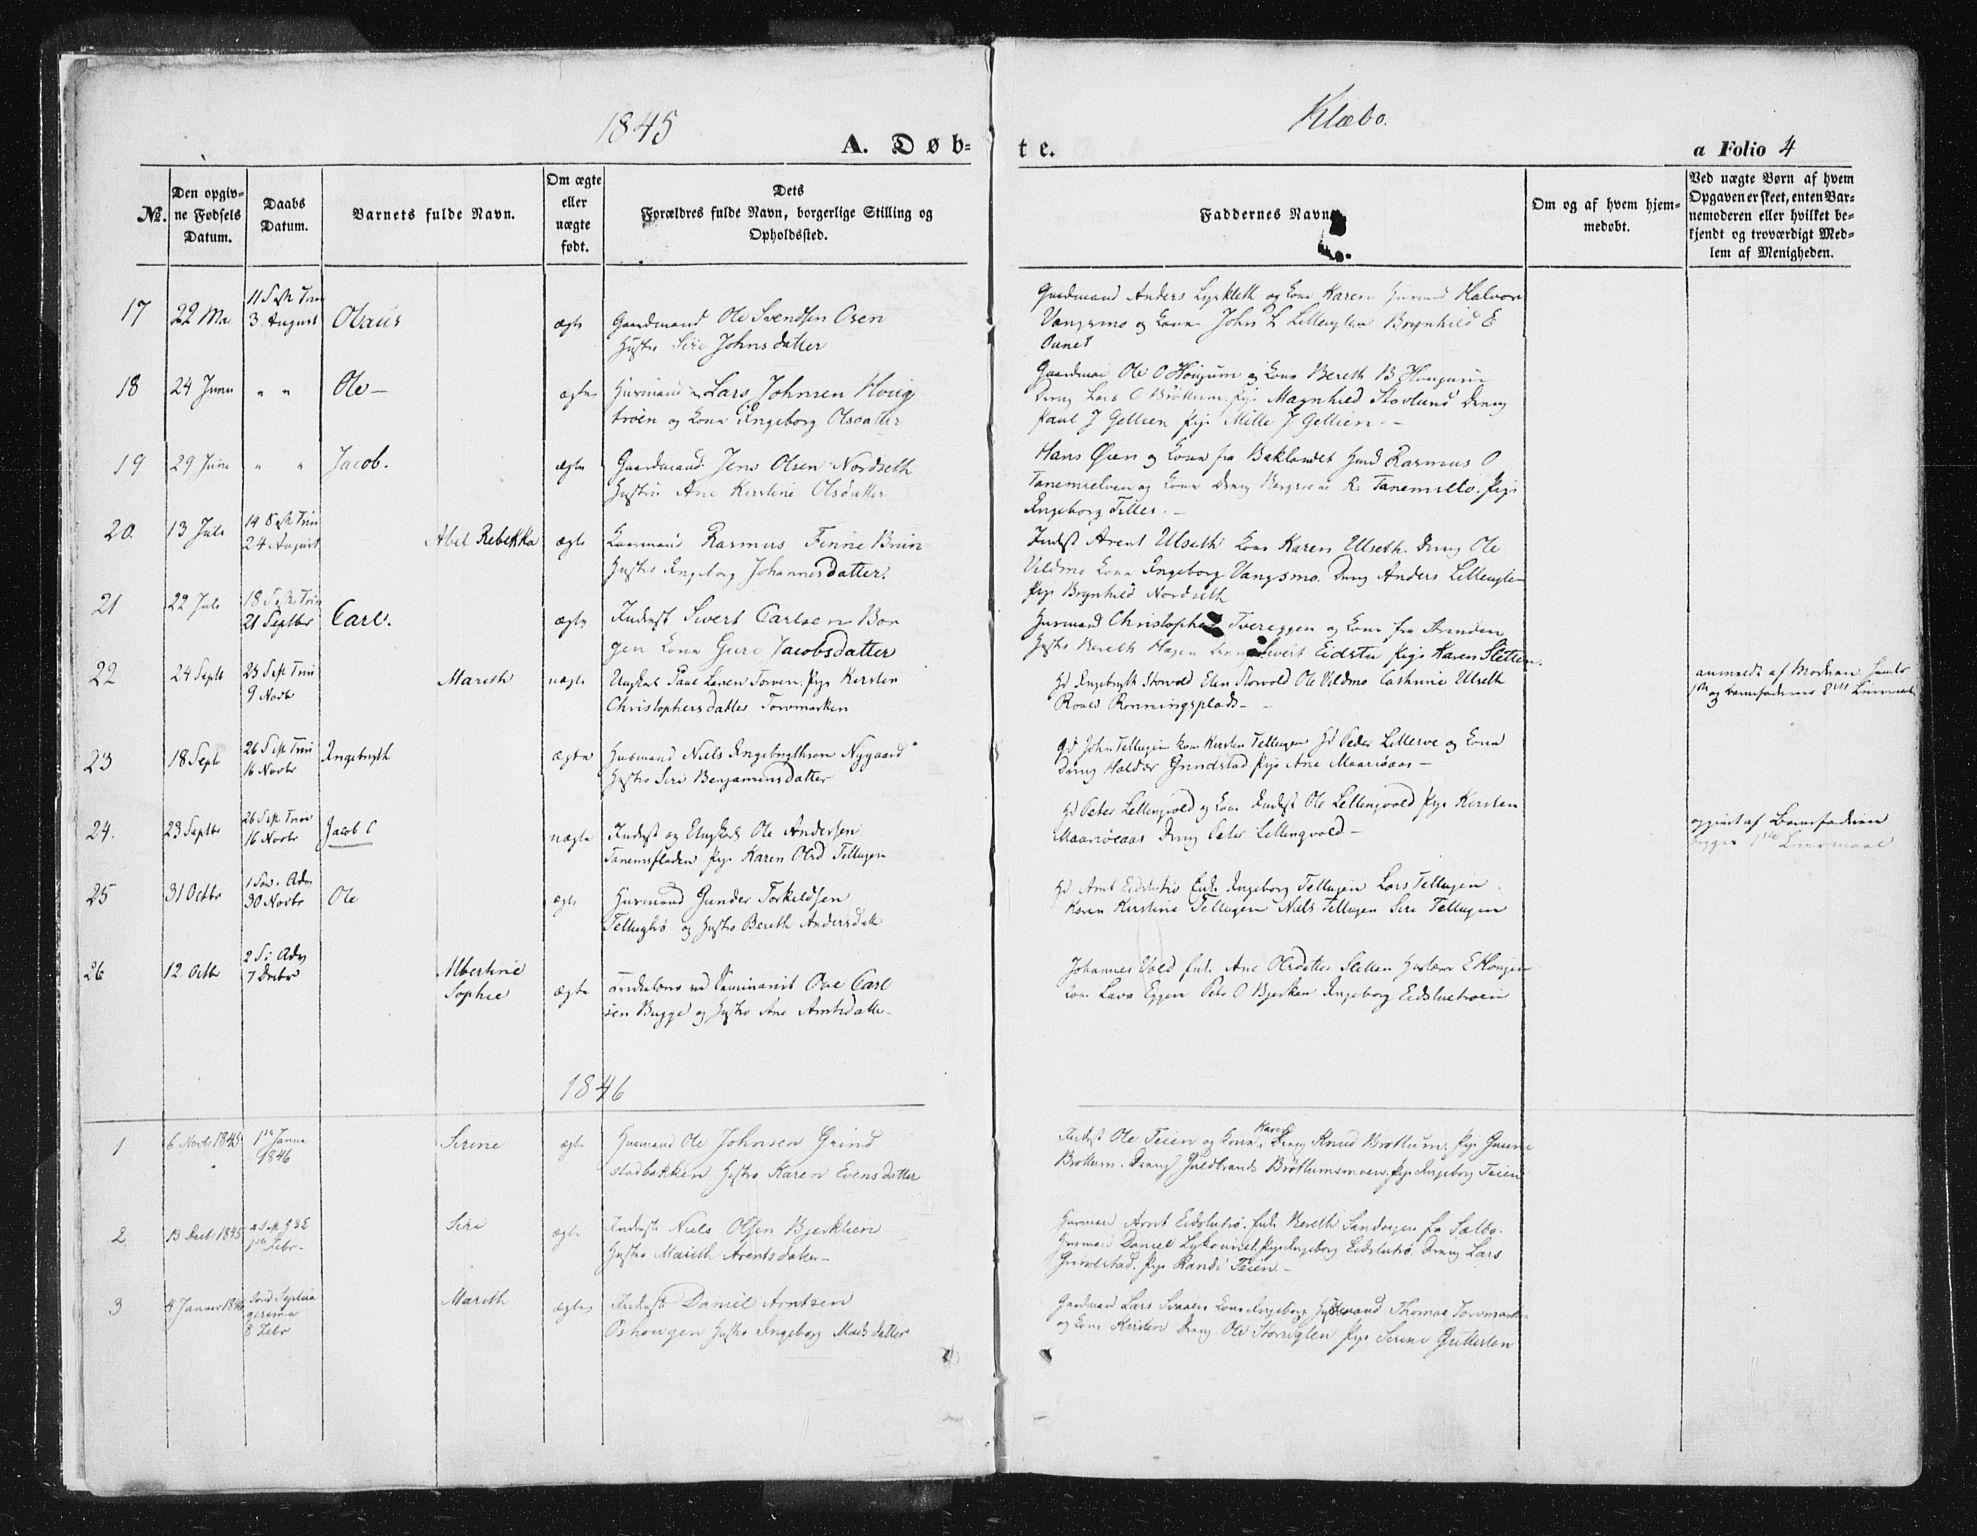 SAT, Ministerialprotokoller, klokkerbøker og fødselsregistre - Sør-Trøndelag, 618/L0441: Ministerialbok nr. 618A05, 1843-1862, s. 4